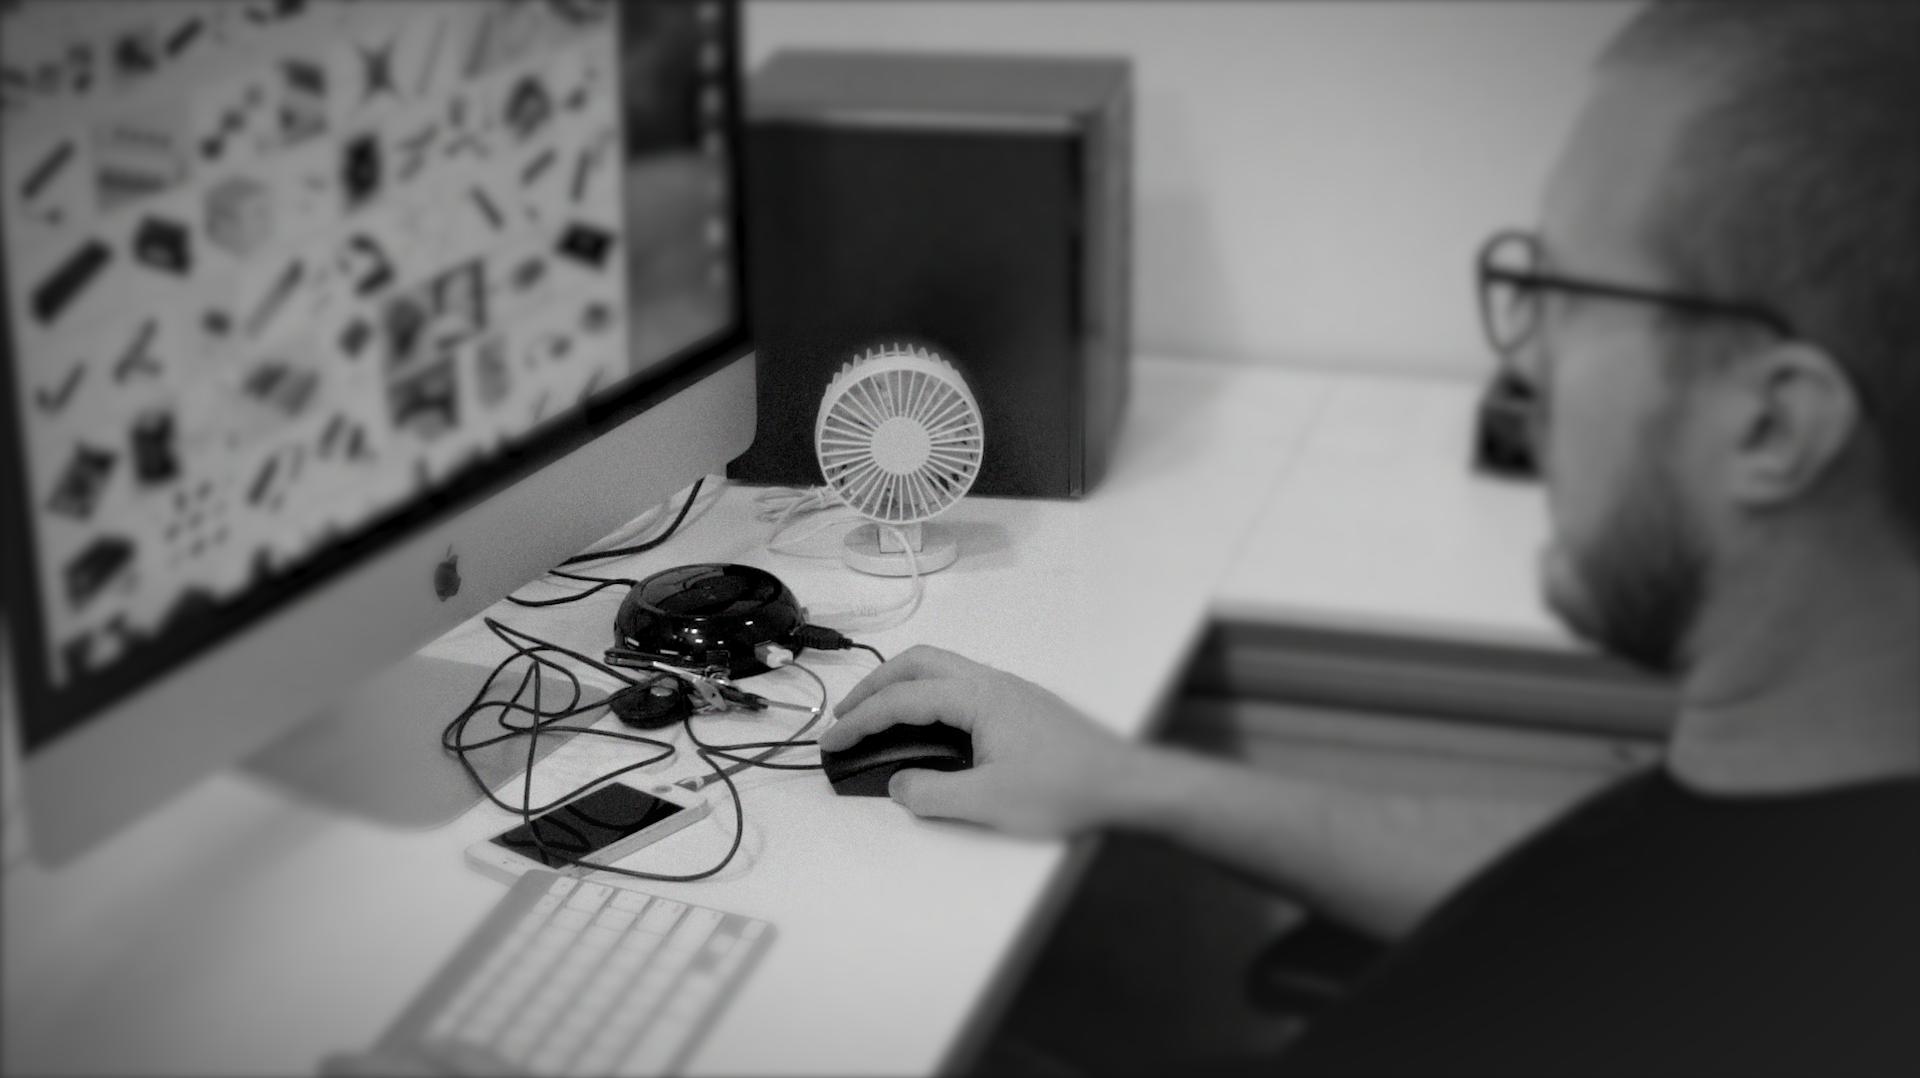 20140904015246-Hub_on_Desk